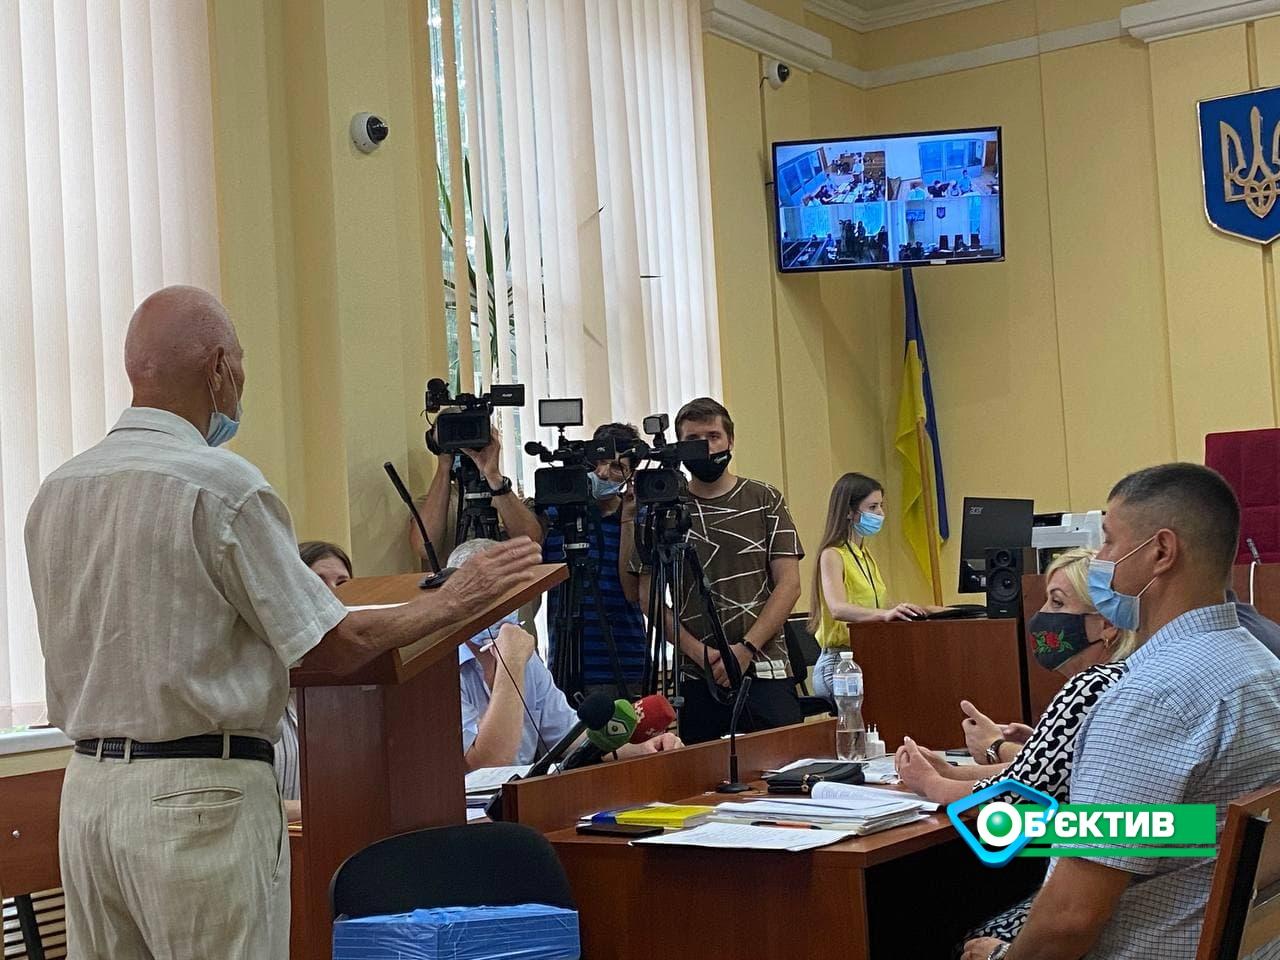 В суд по делу Штепы не пришел один из свидетелей